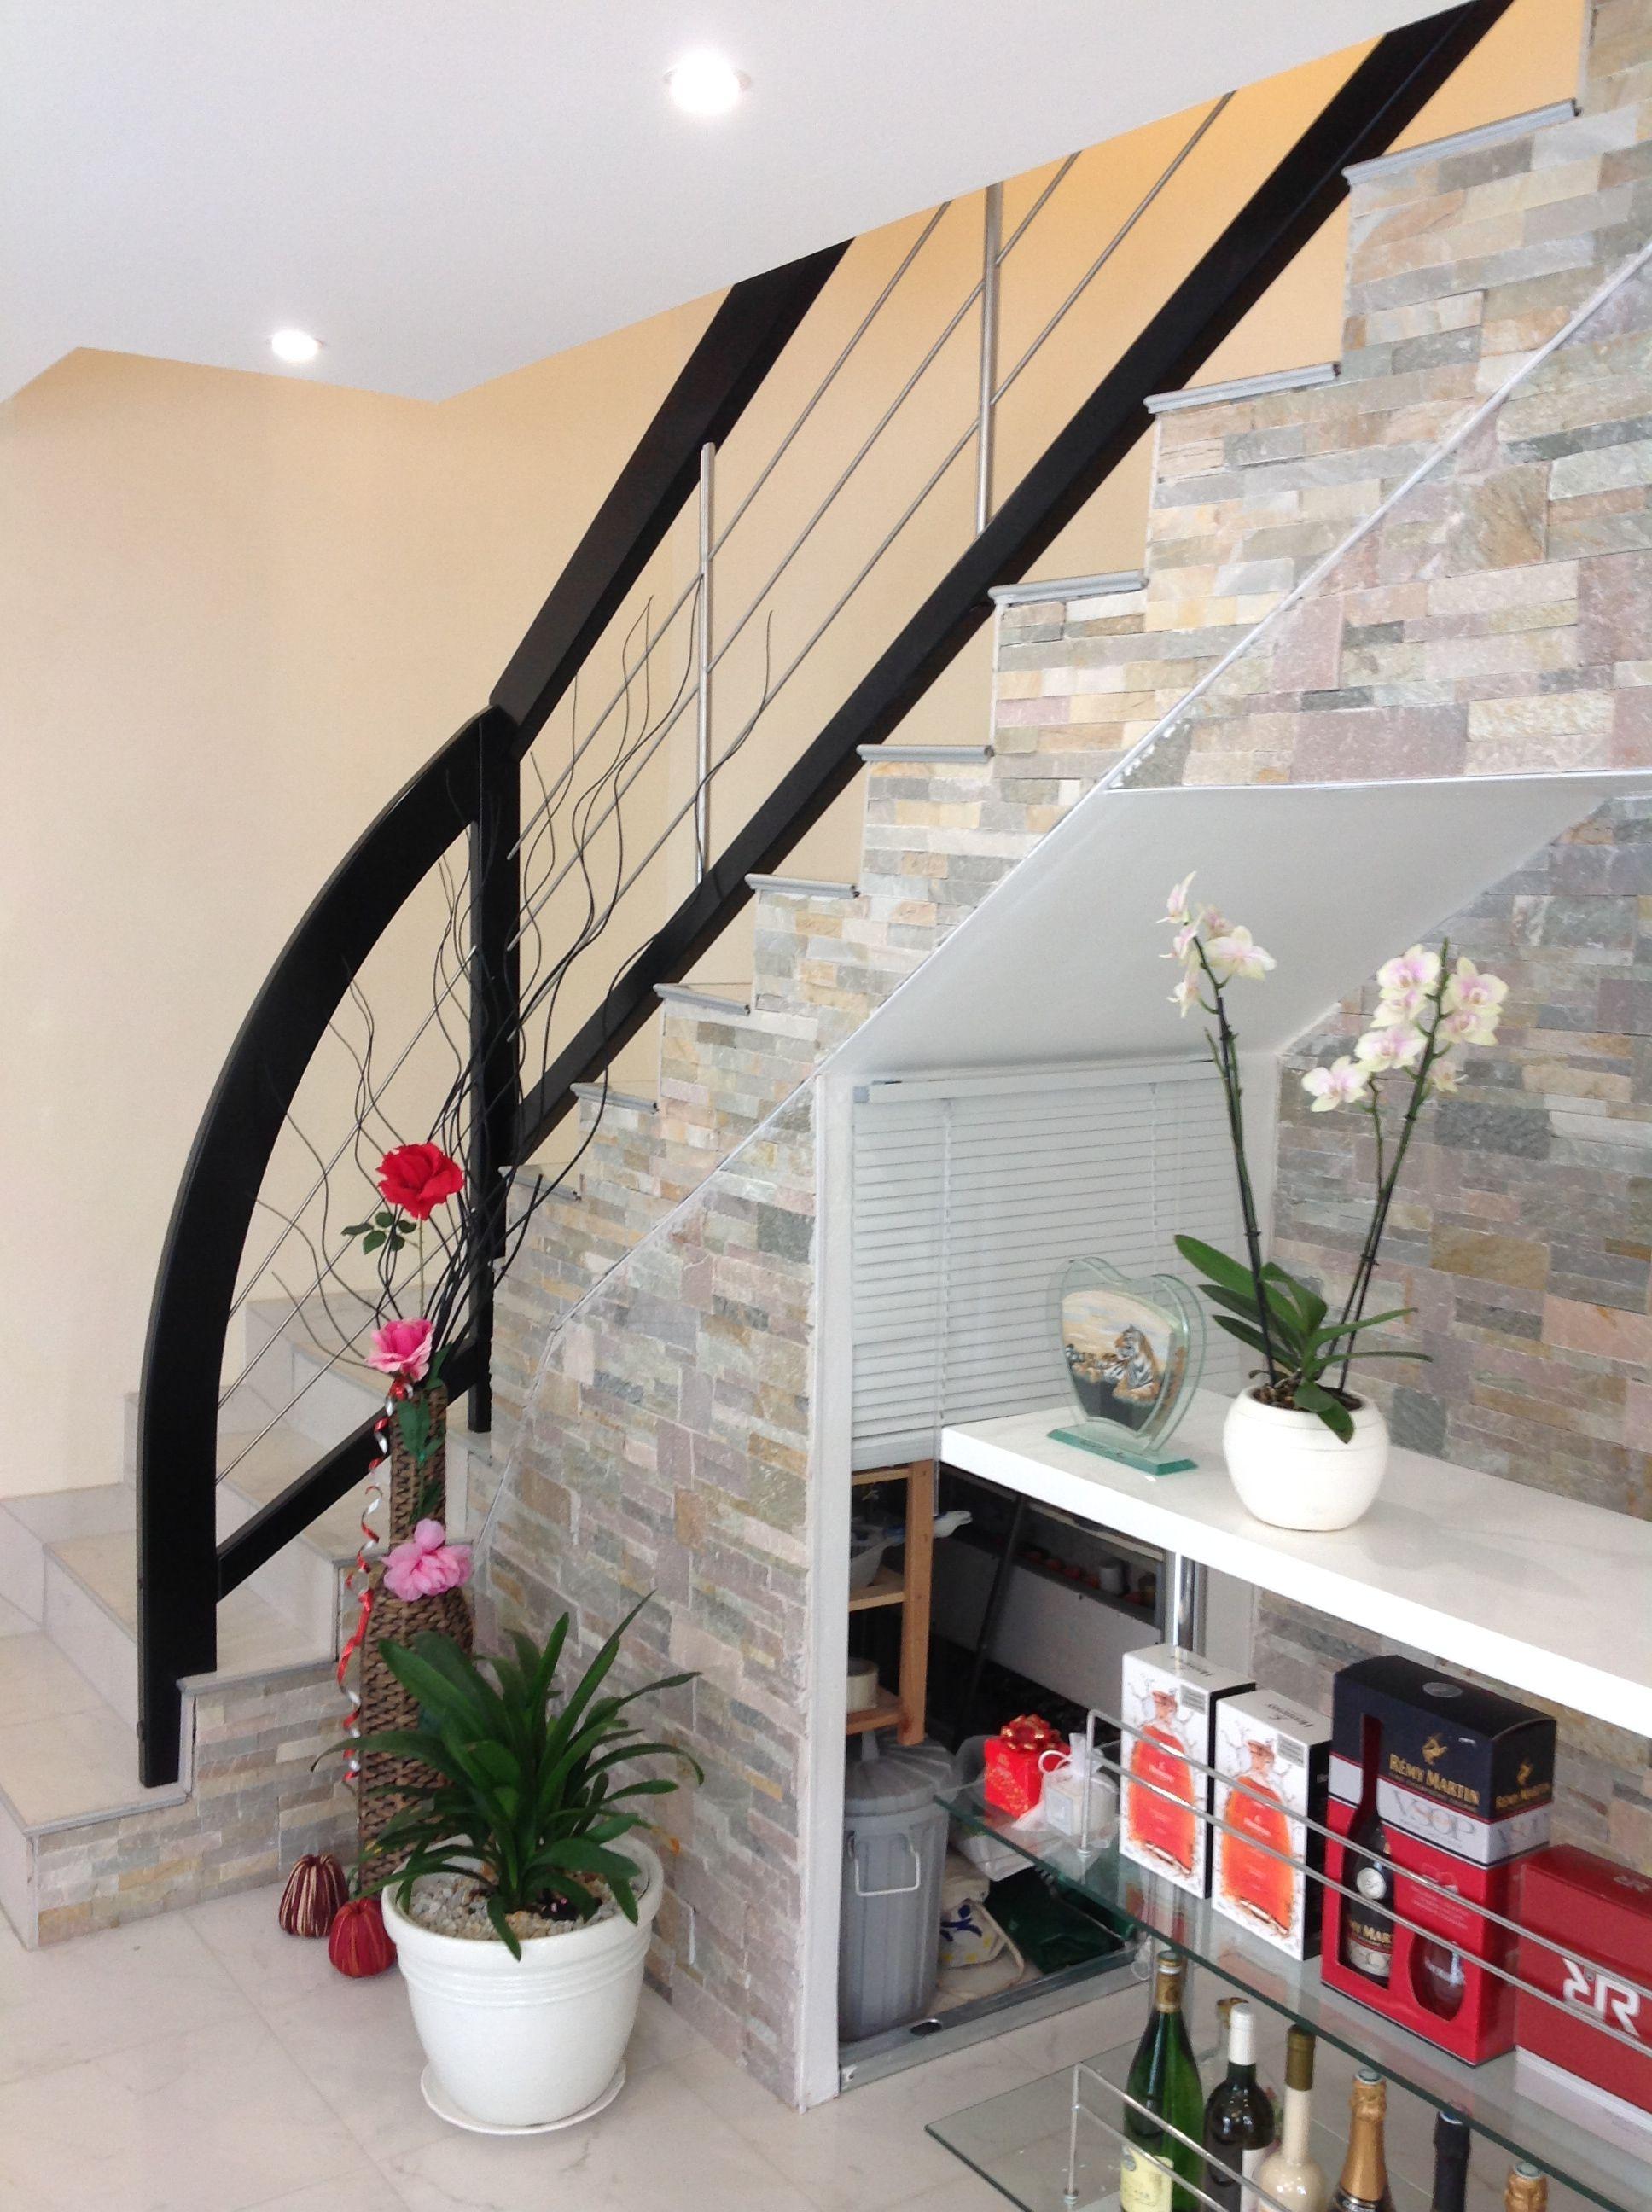 Epingle Sur Habillez Votre Escalier Beton